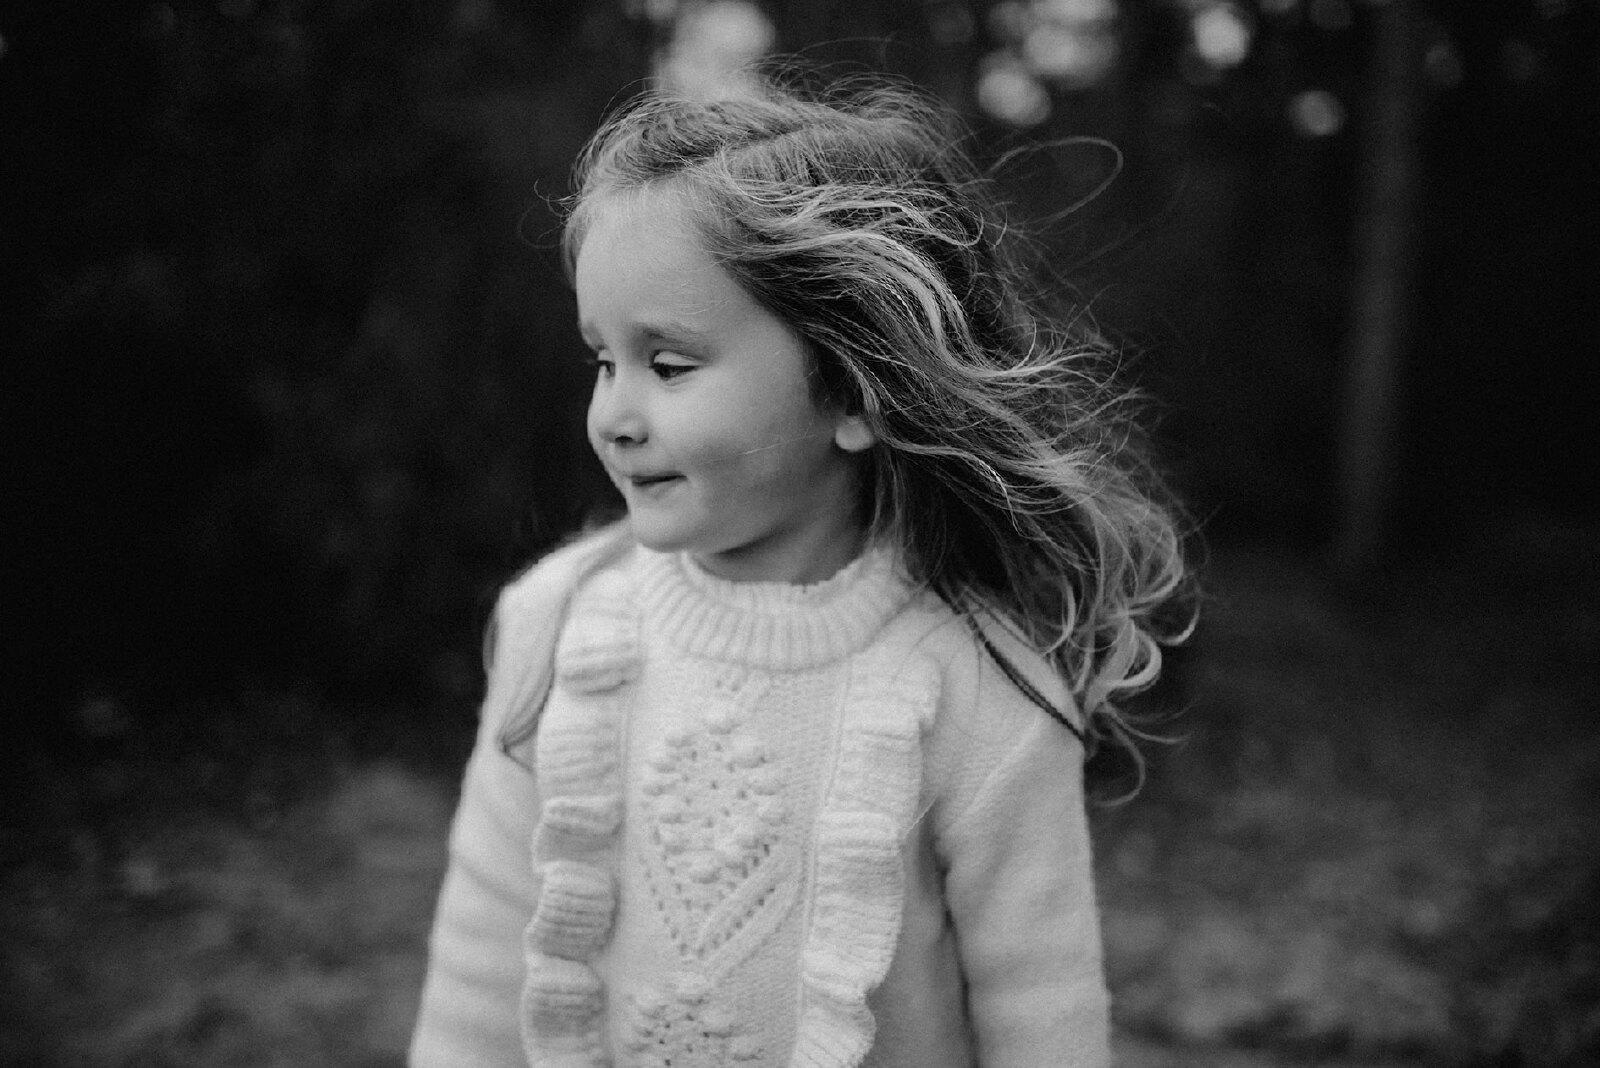 Kinderfotografie zwart wit meisje